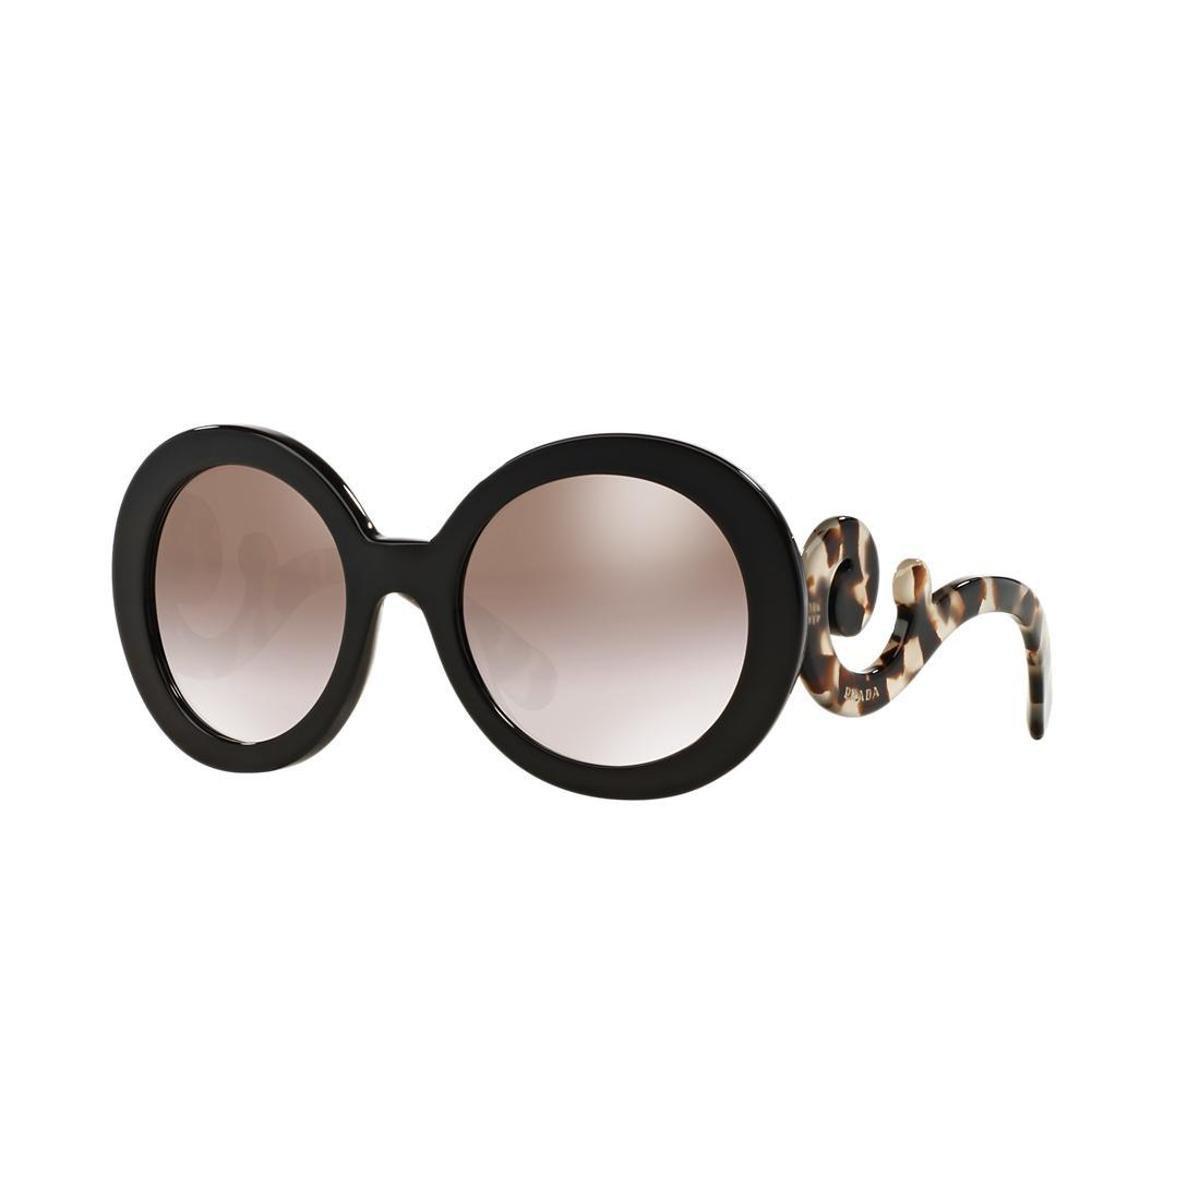 e22adb00b2d1e Óculos de Sol Prada PR 27NS Minimal Baroque - Compre Agora   Zattini